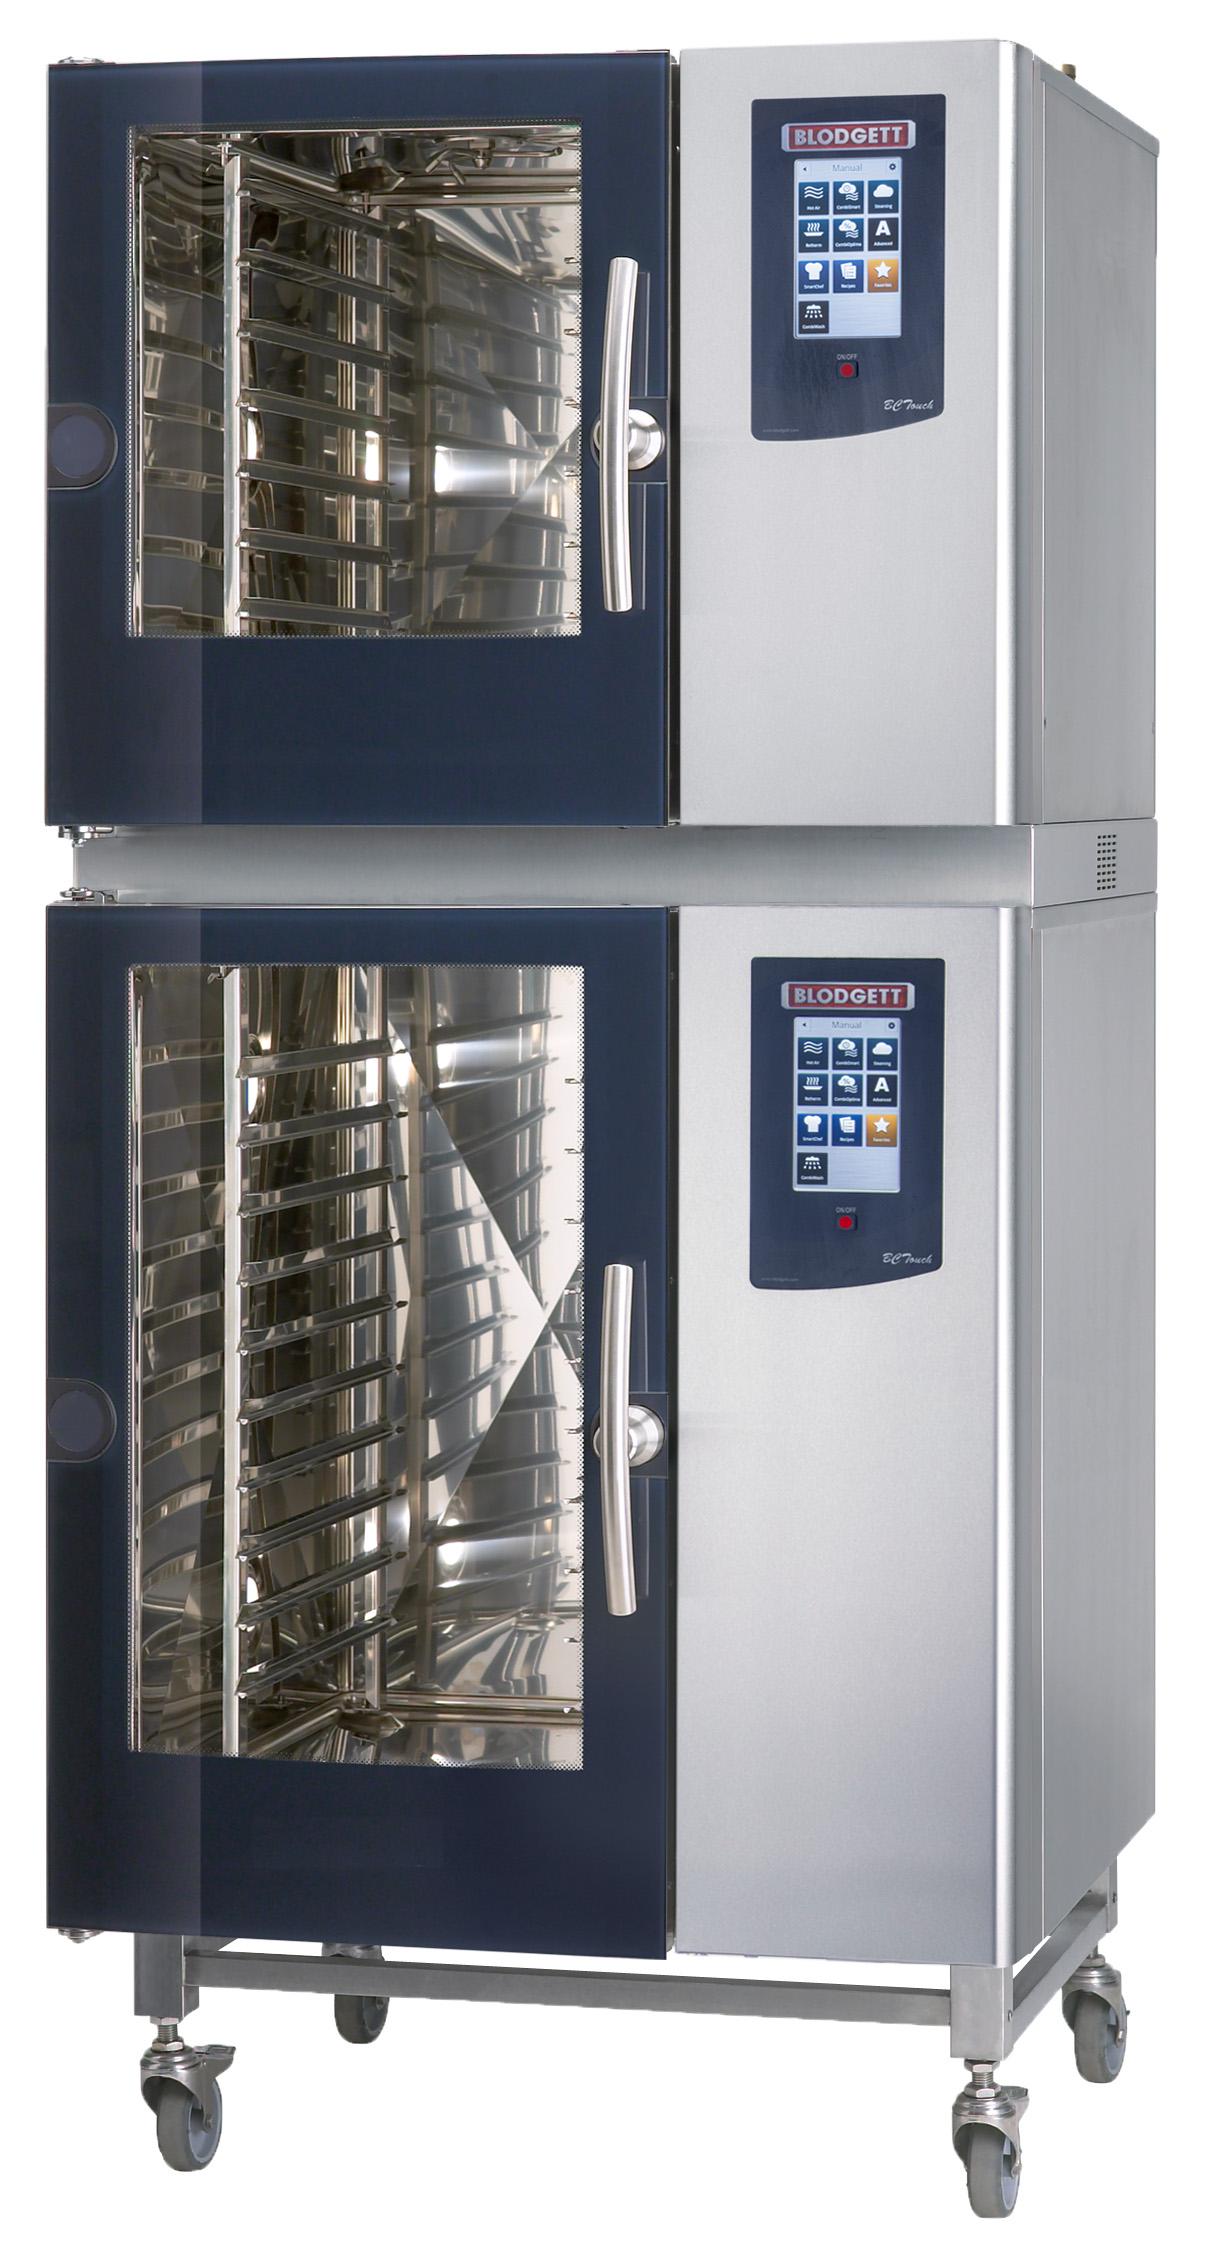 Blodgett BCT61G/BCT101G combi oven